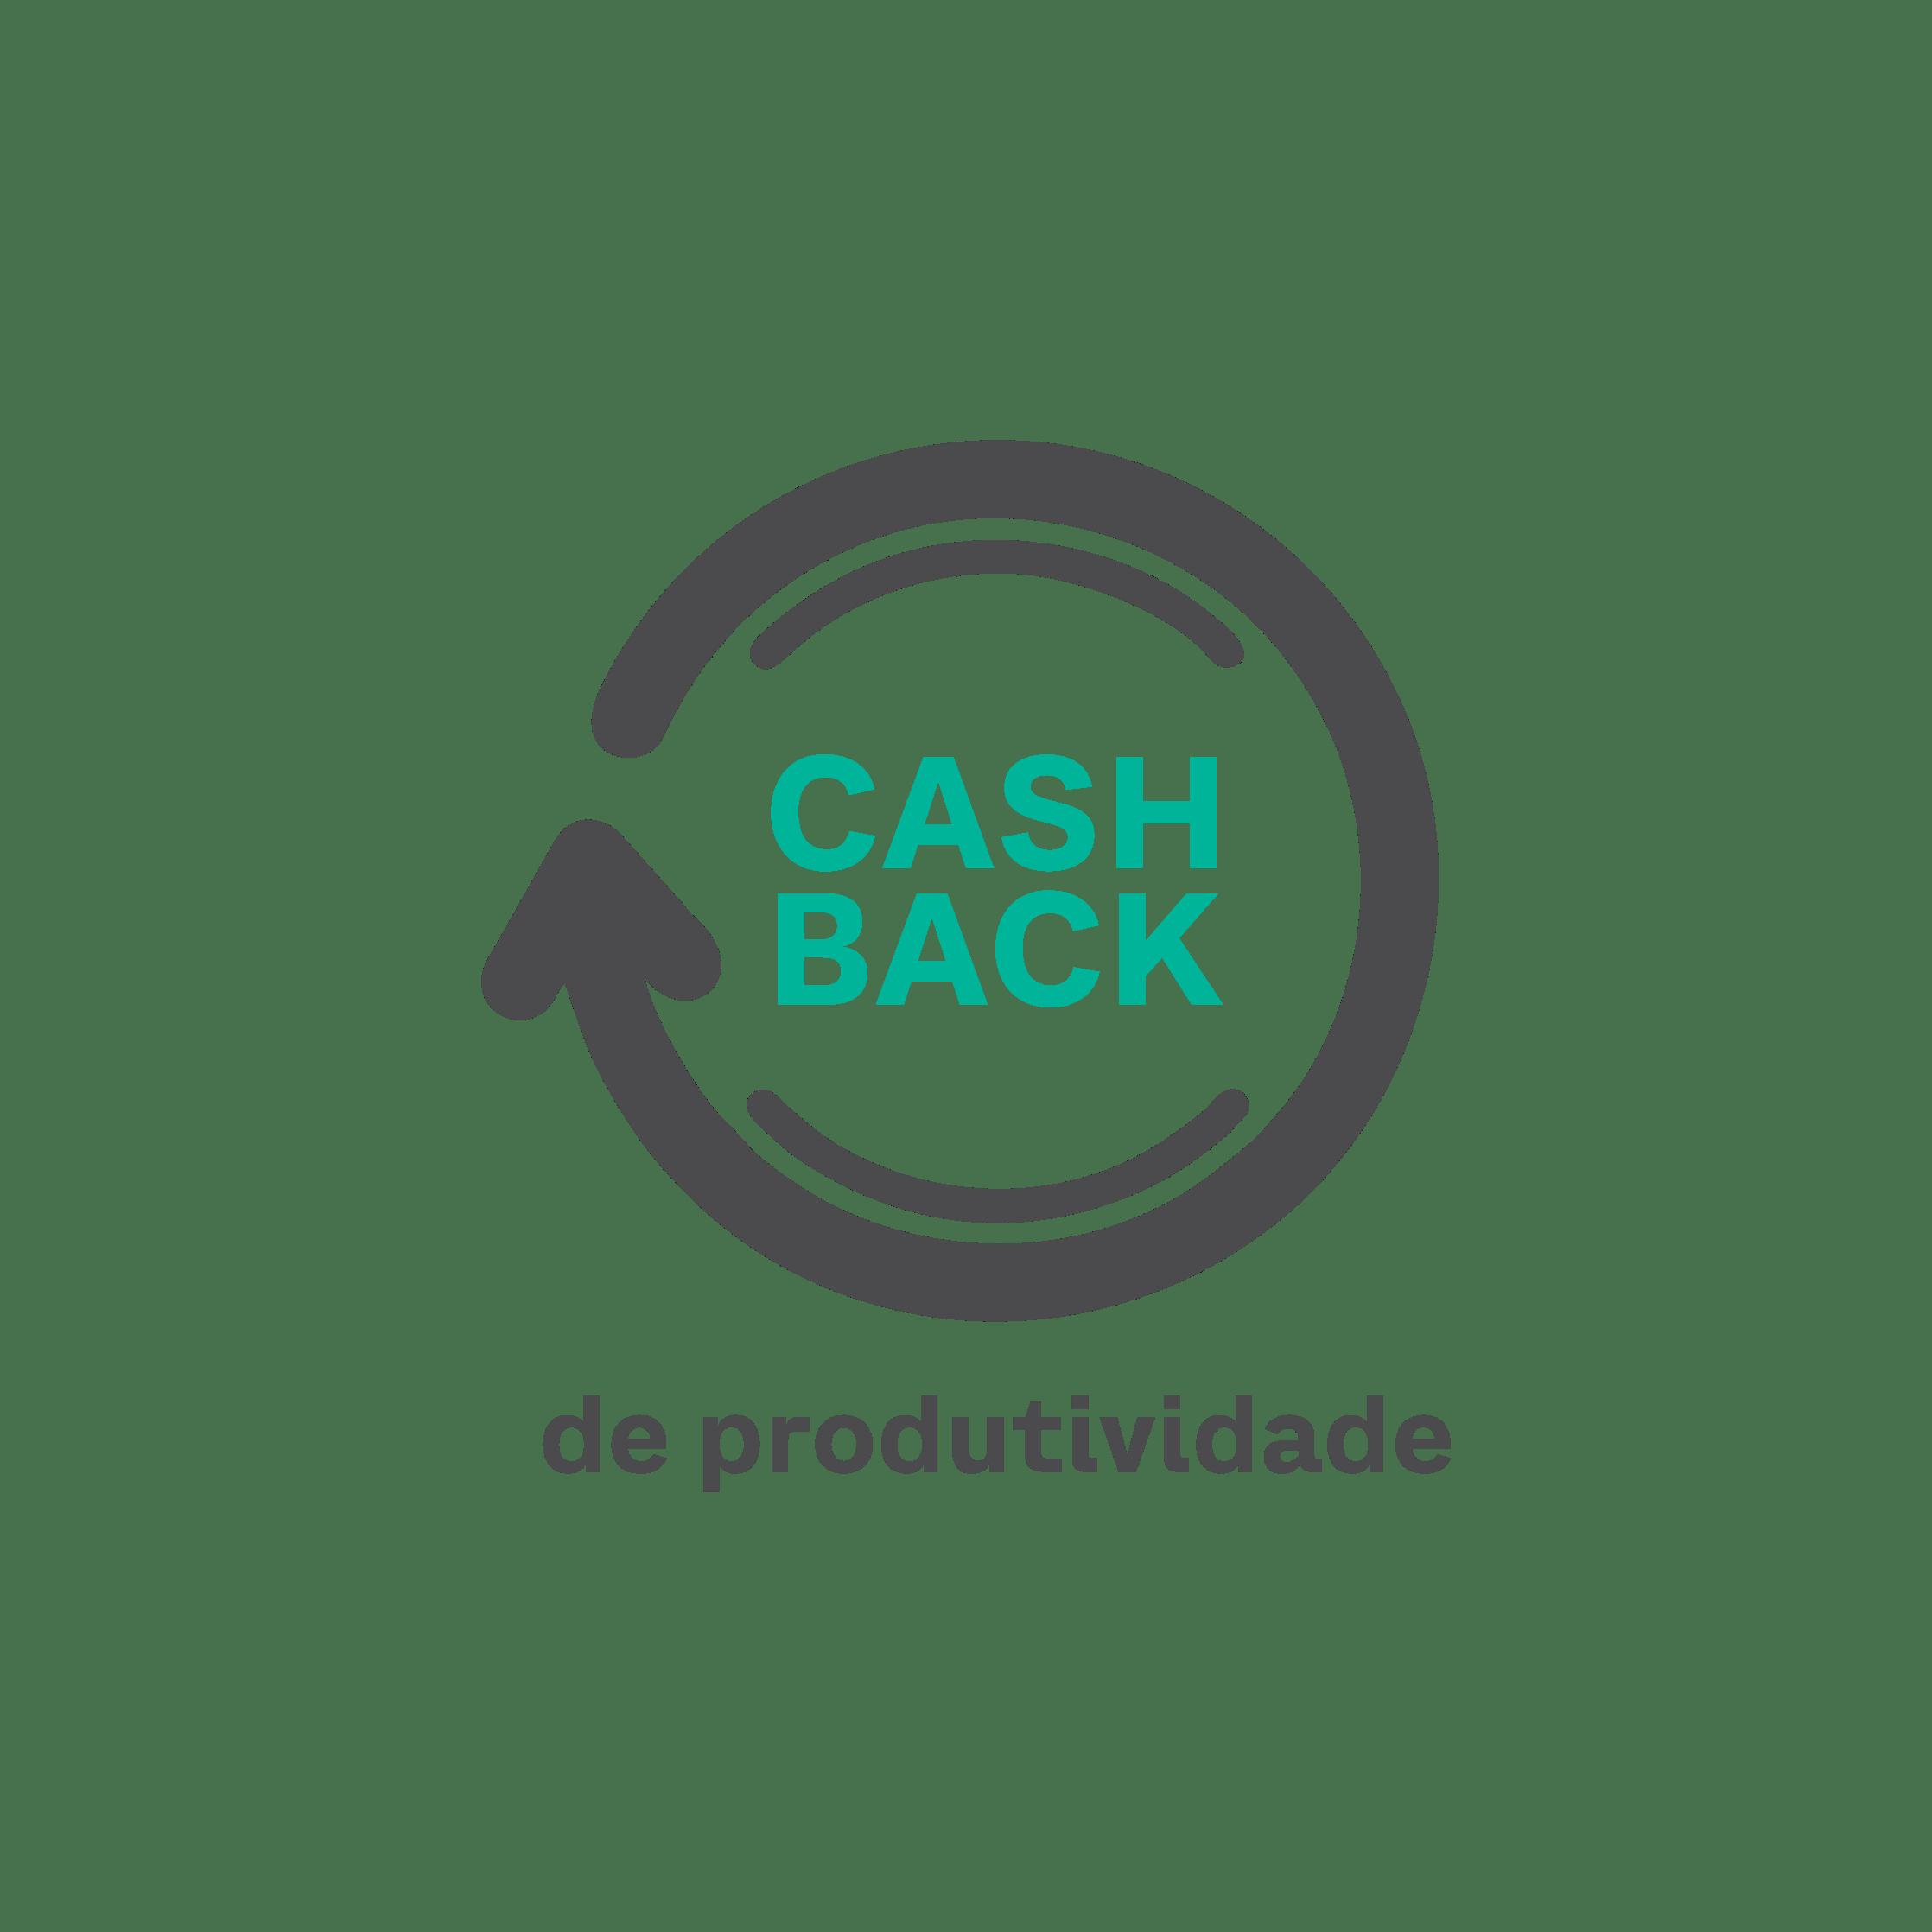 cashdeprodutividade